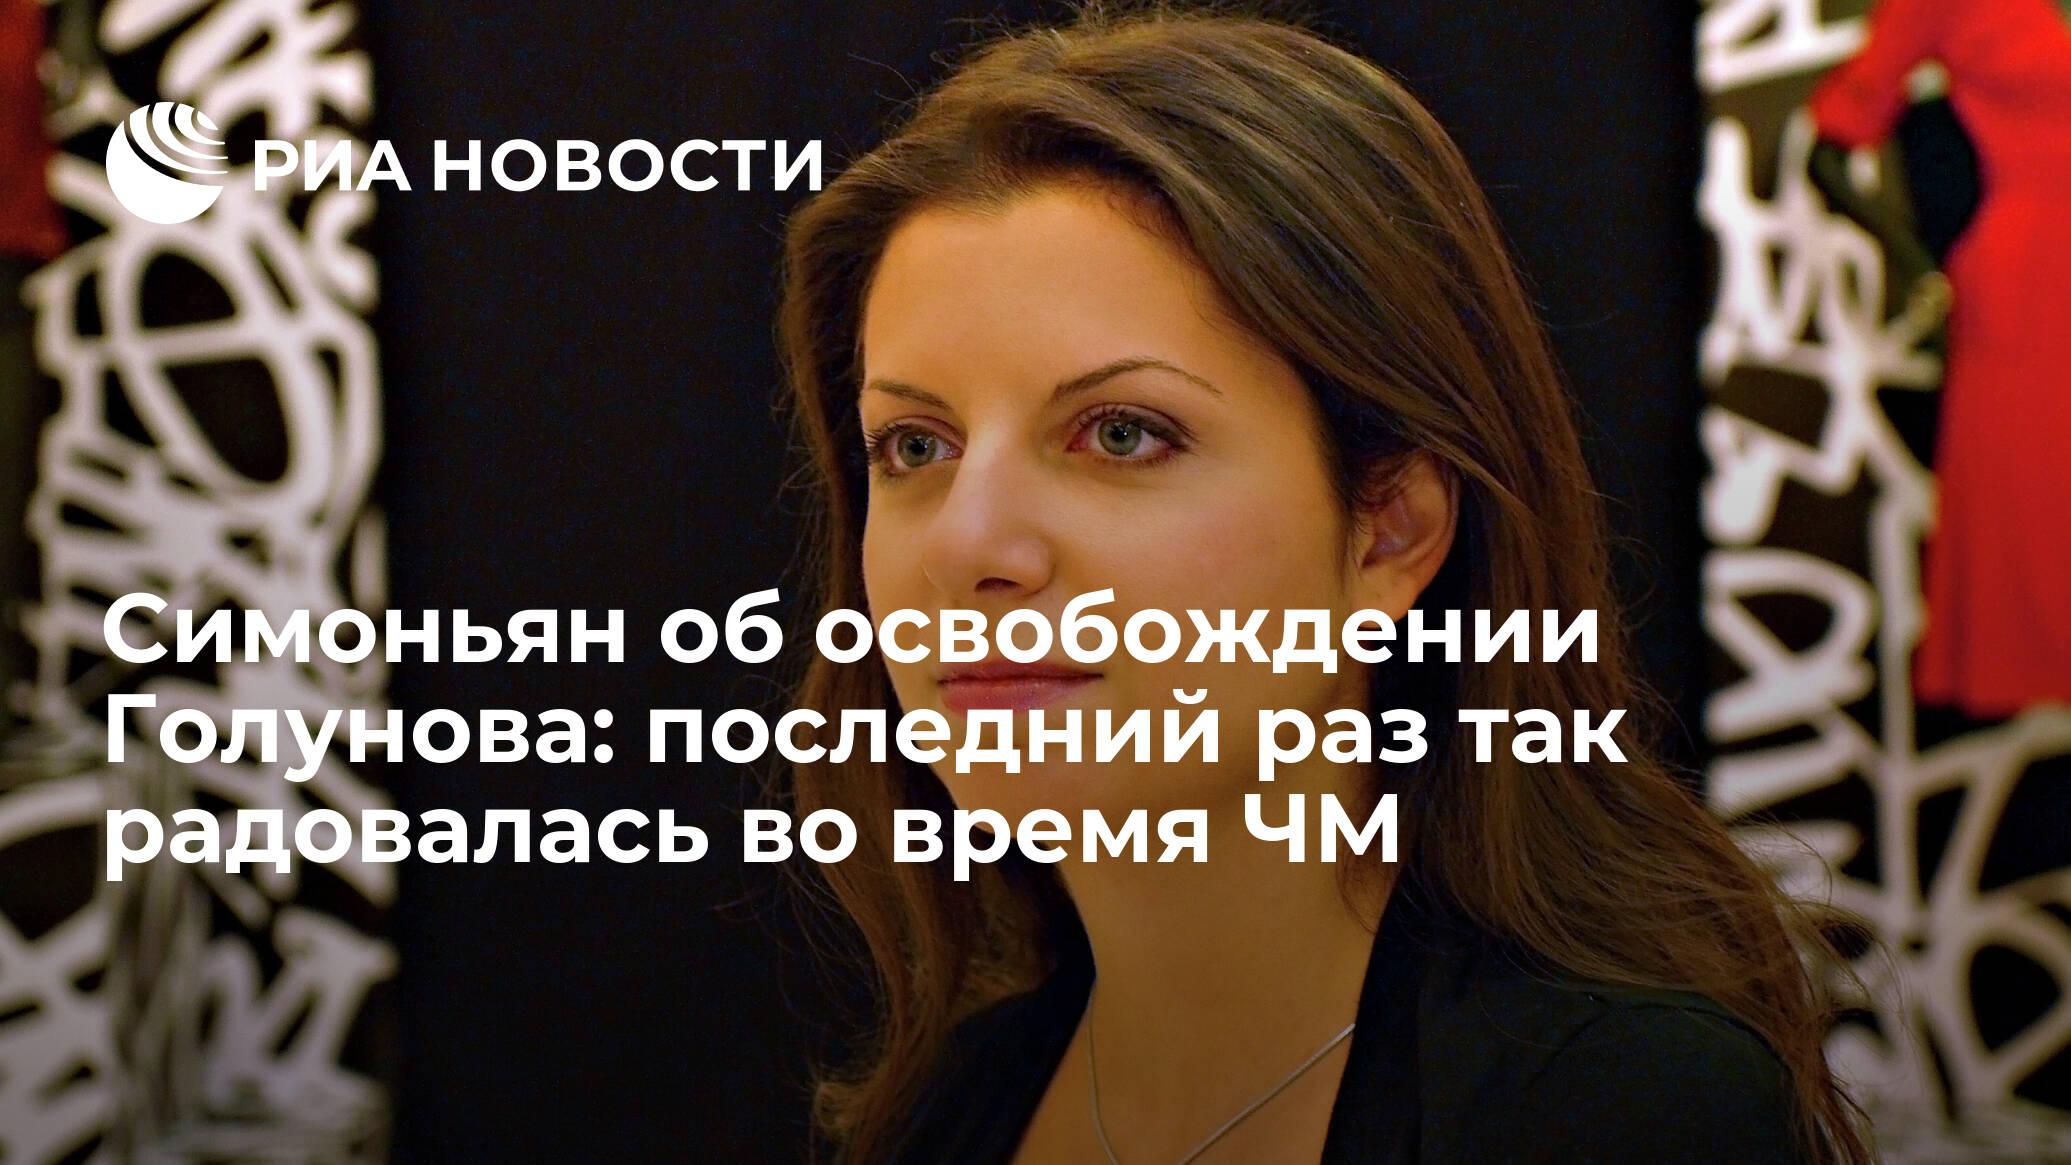 Симоньян об освобождении Голунова: последний раз так радовалась во время ЧМ